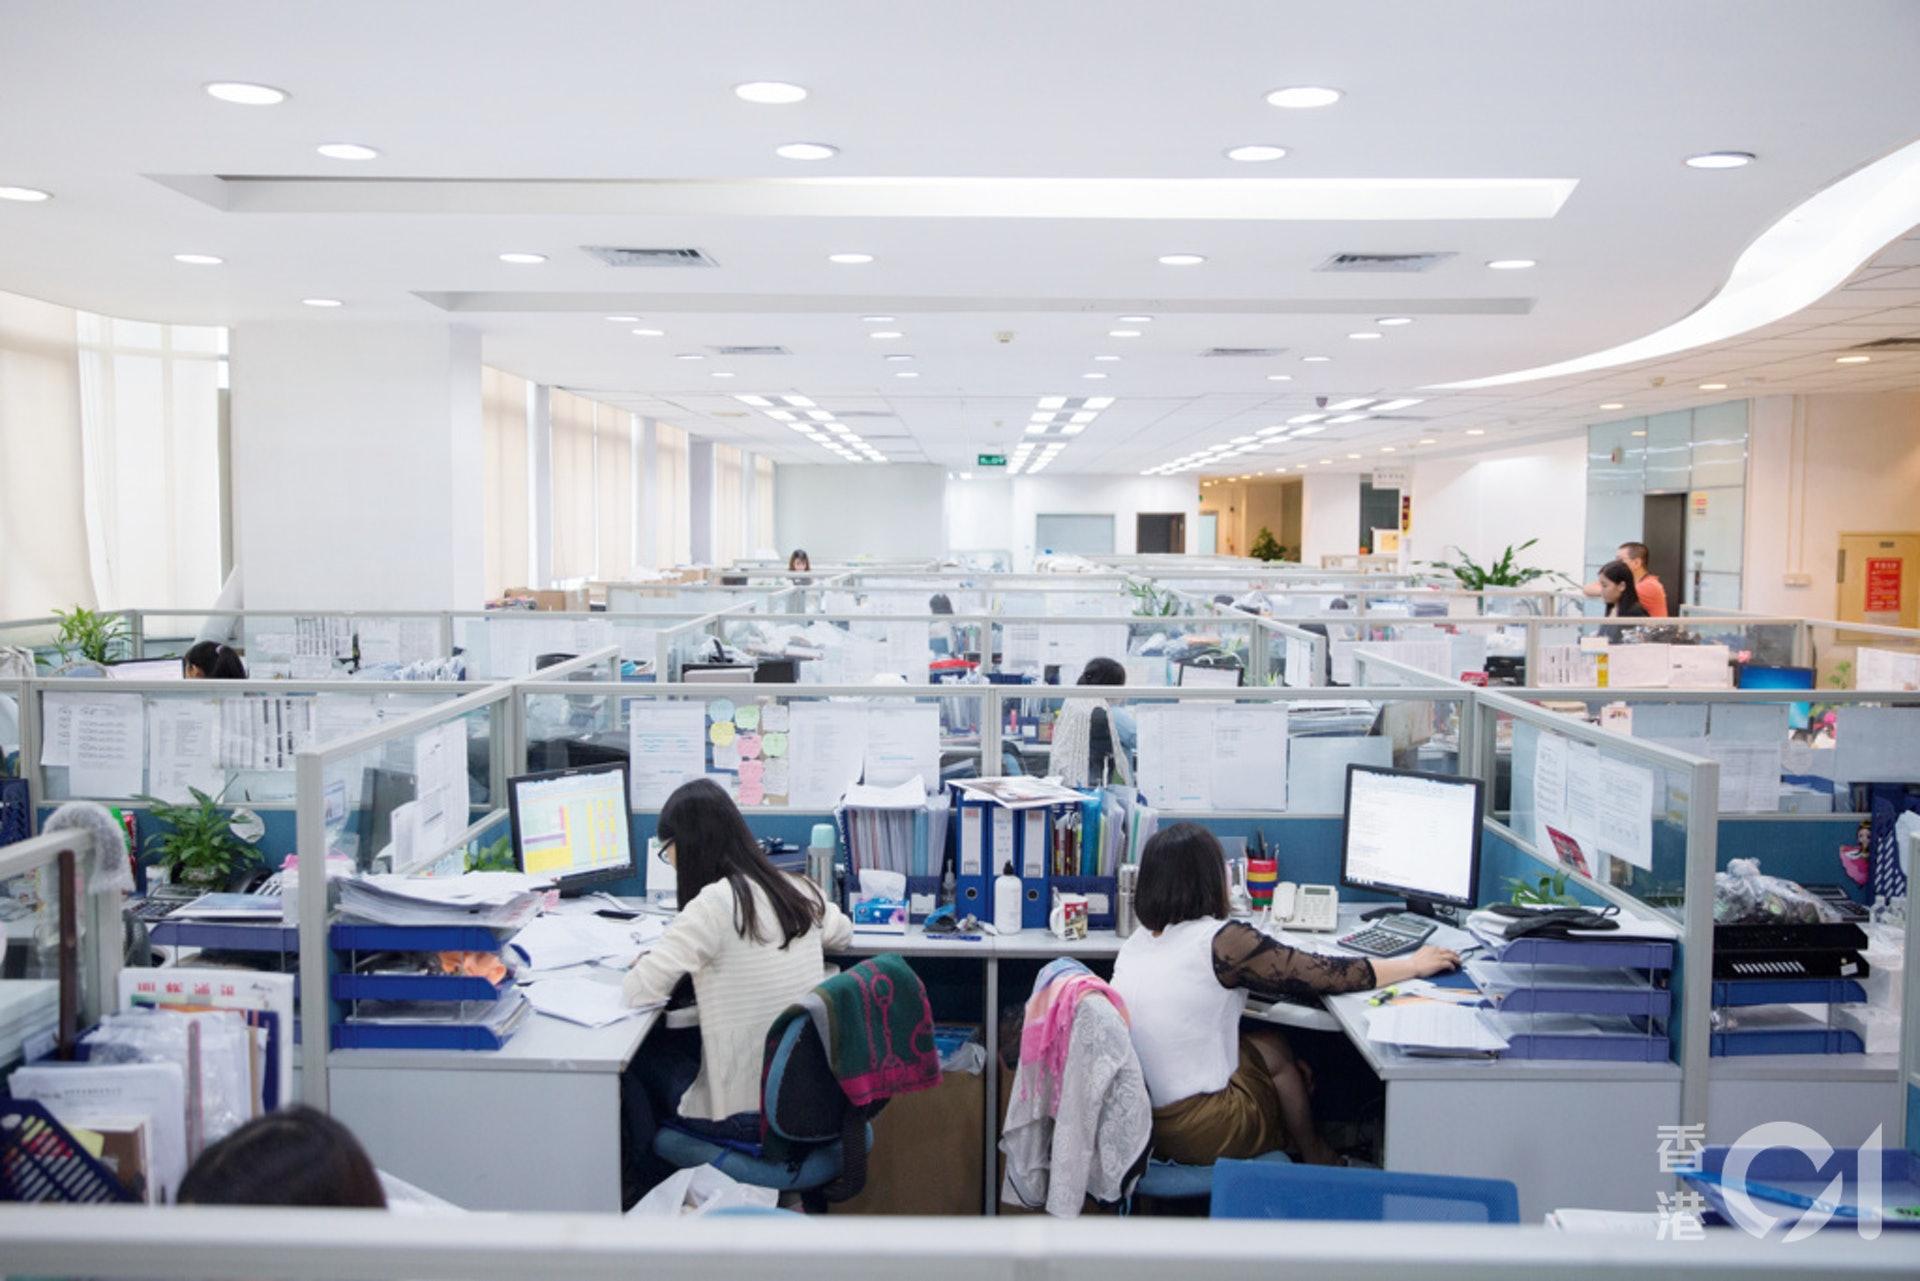 不少研究指出,下一輪科技變革可減少知識型工作者的工作量同時提高產出,社會早晚要面對重整工時的議題。(資料圖片/梁鵬威攝)